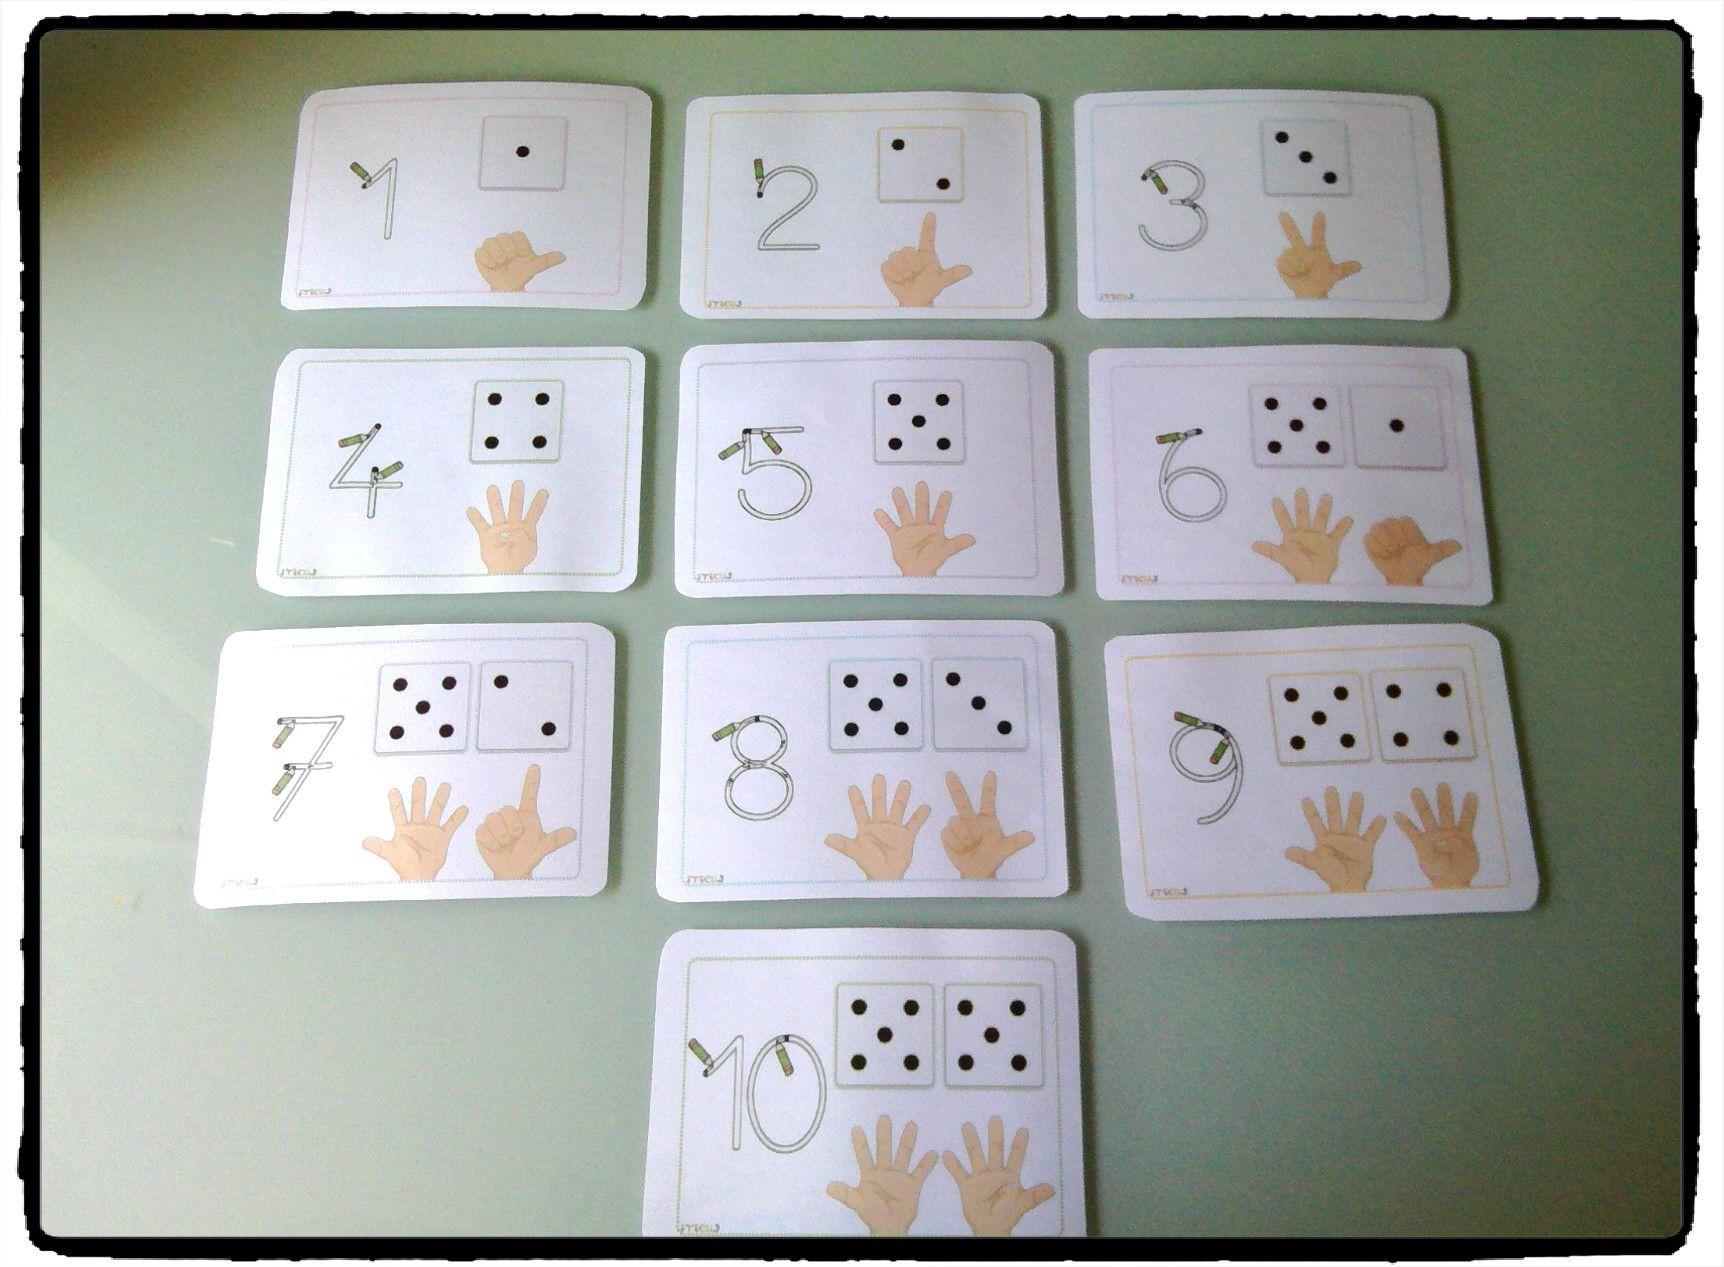 L'apprentissage Des Nombres - | L'apprentissage Des Nombres tout Jeux D Apprentissage Maternelle